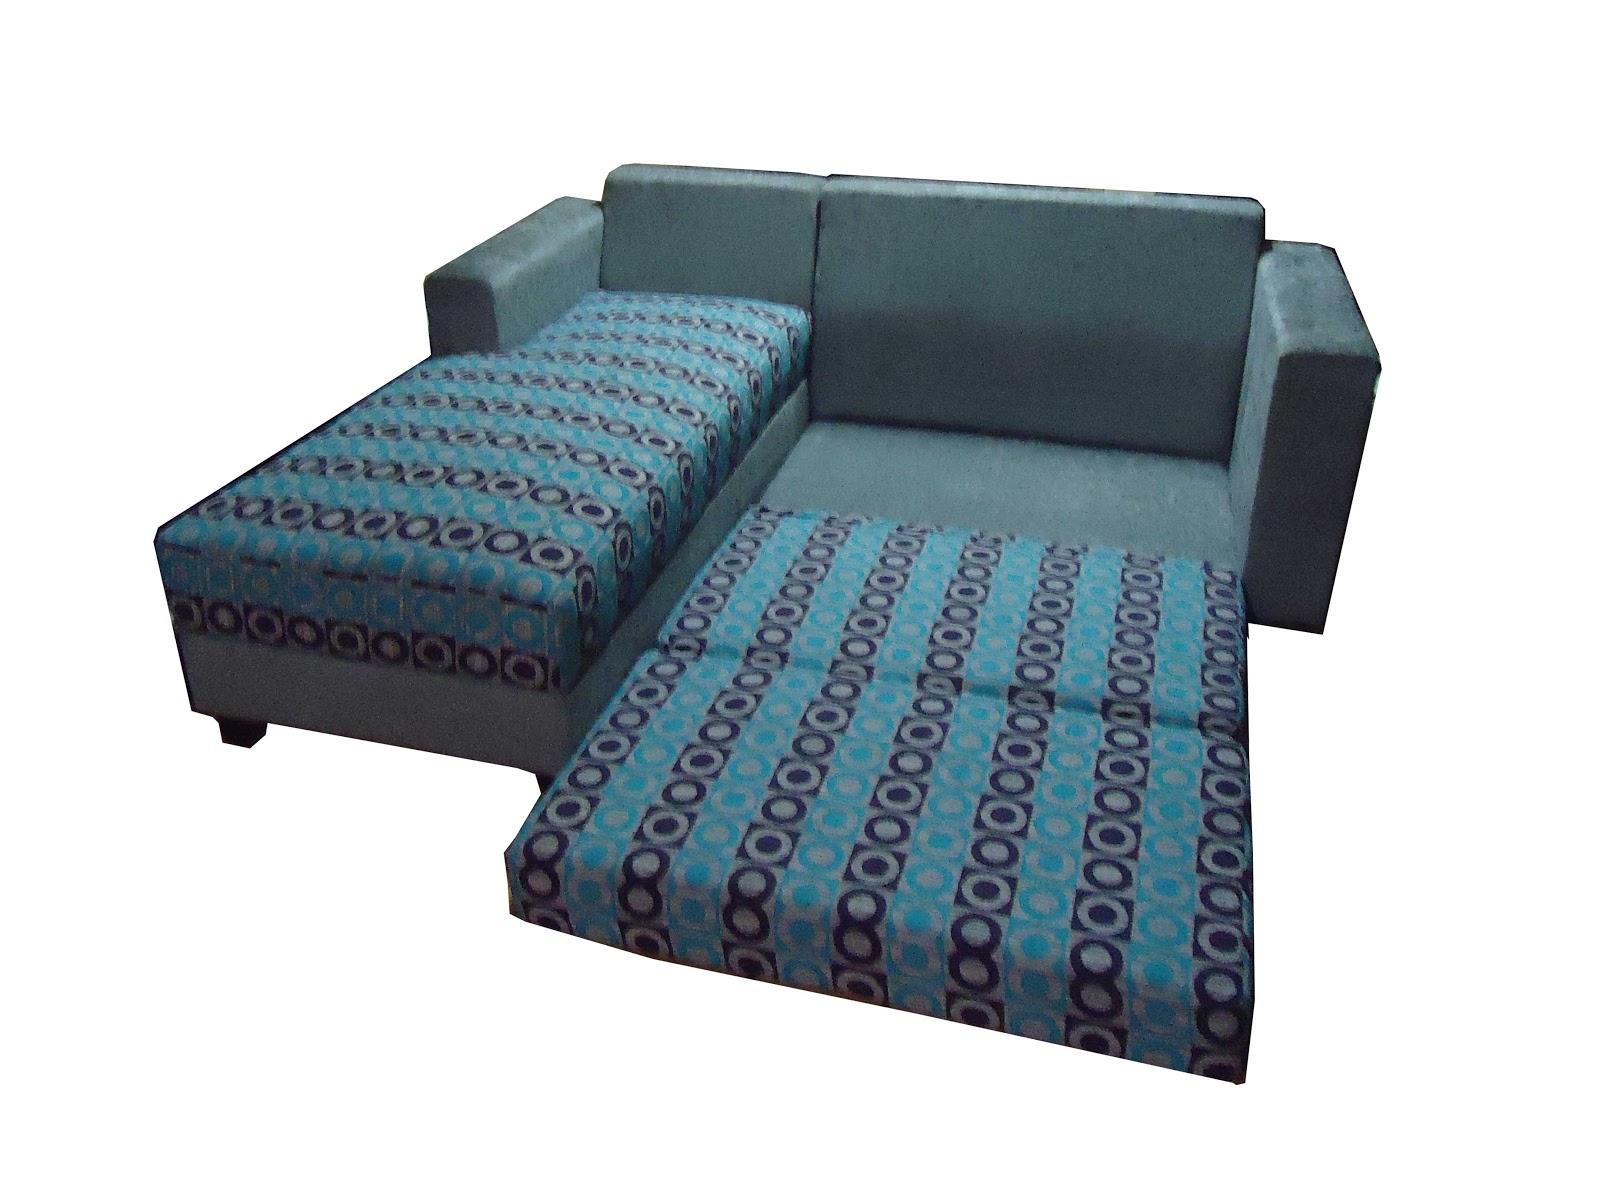 Jual Sofa Bed Murah Di Jakarta Selatan For Basement L Minimalis